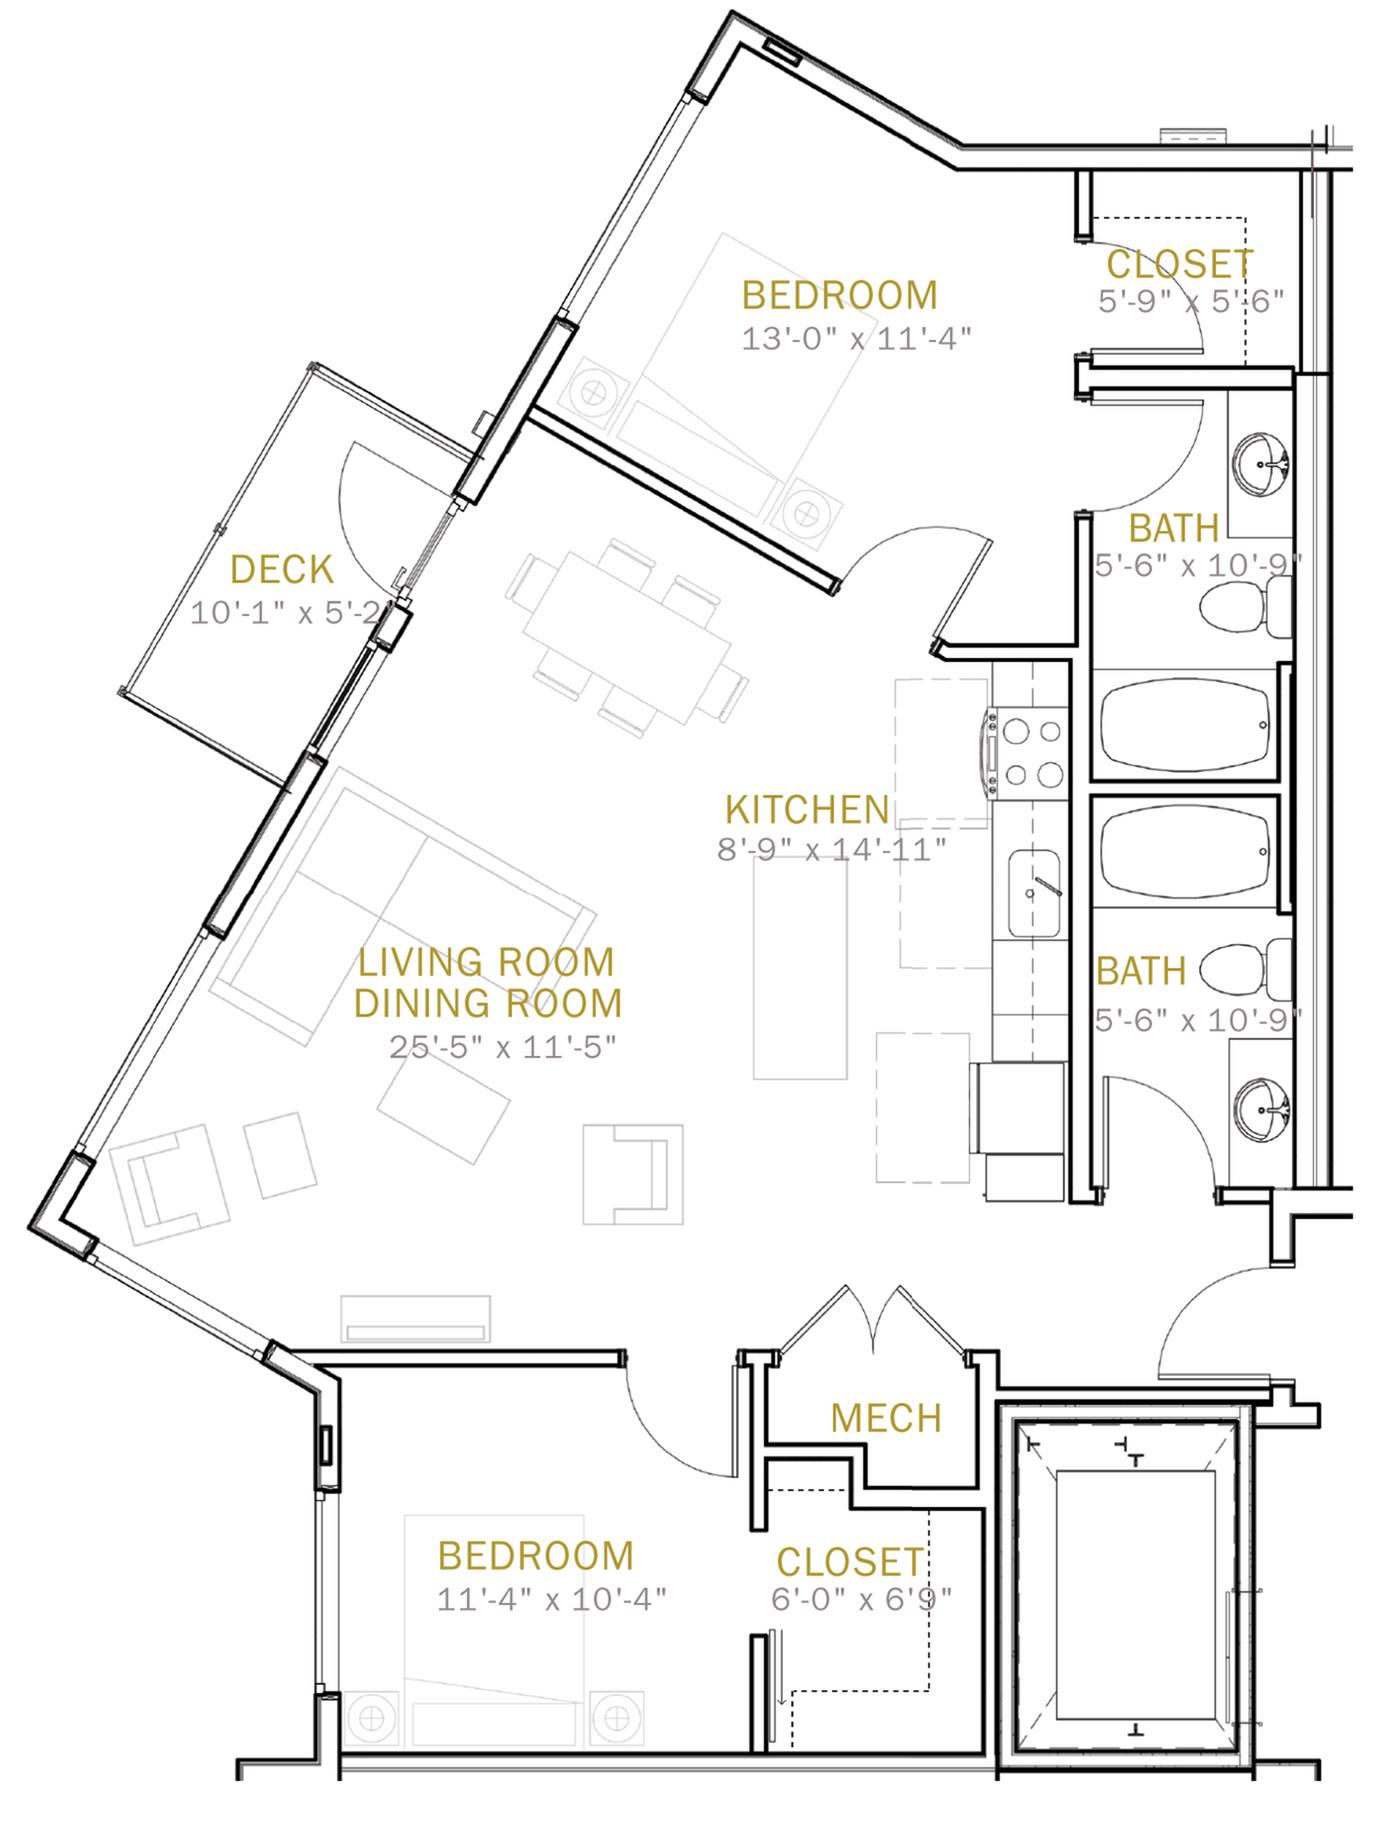 Two Bedroom 1100 Sqft